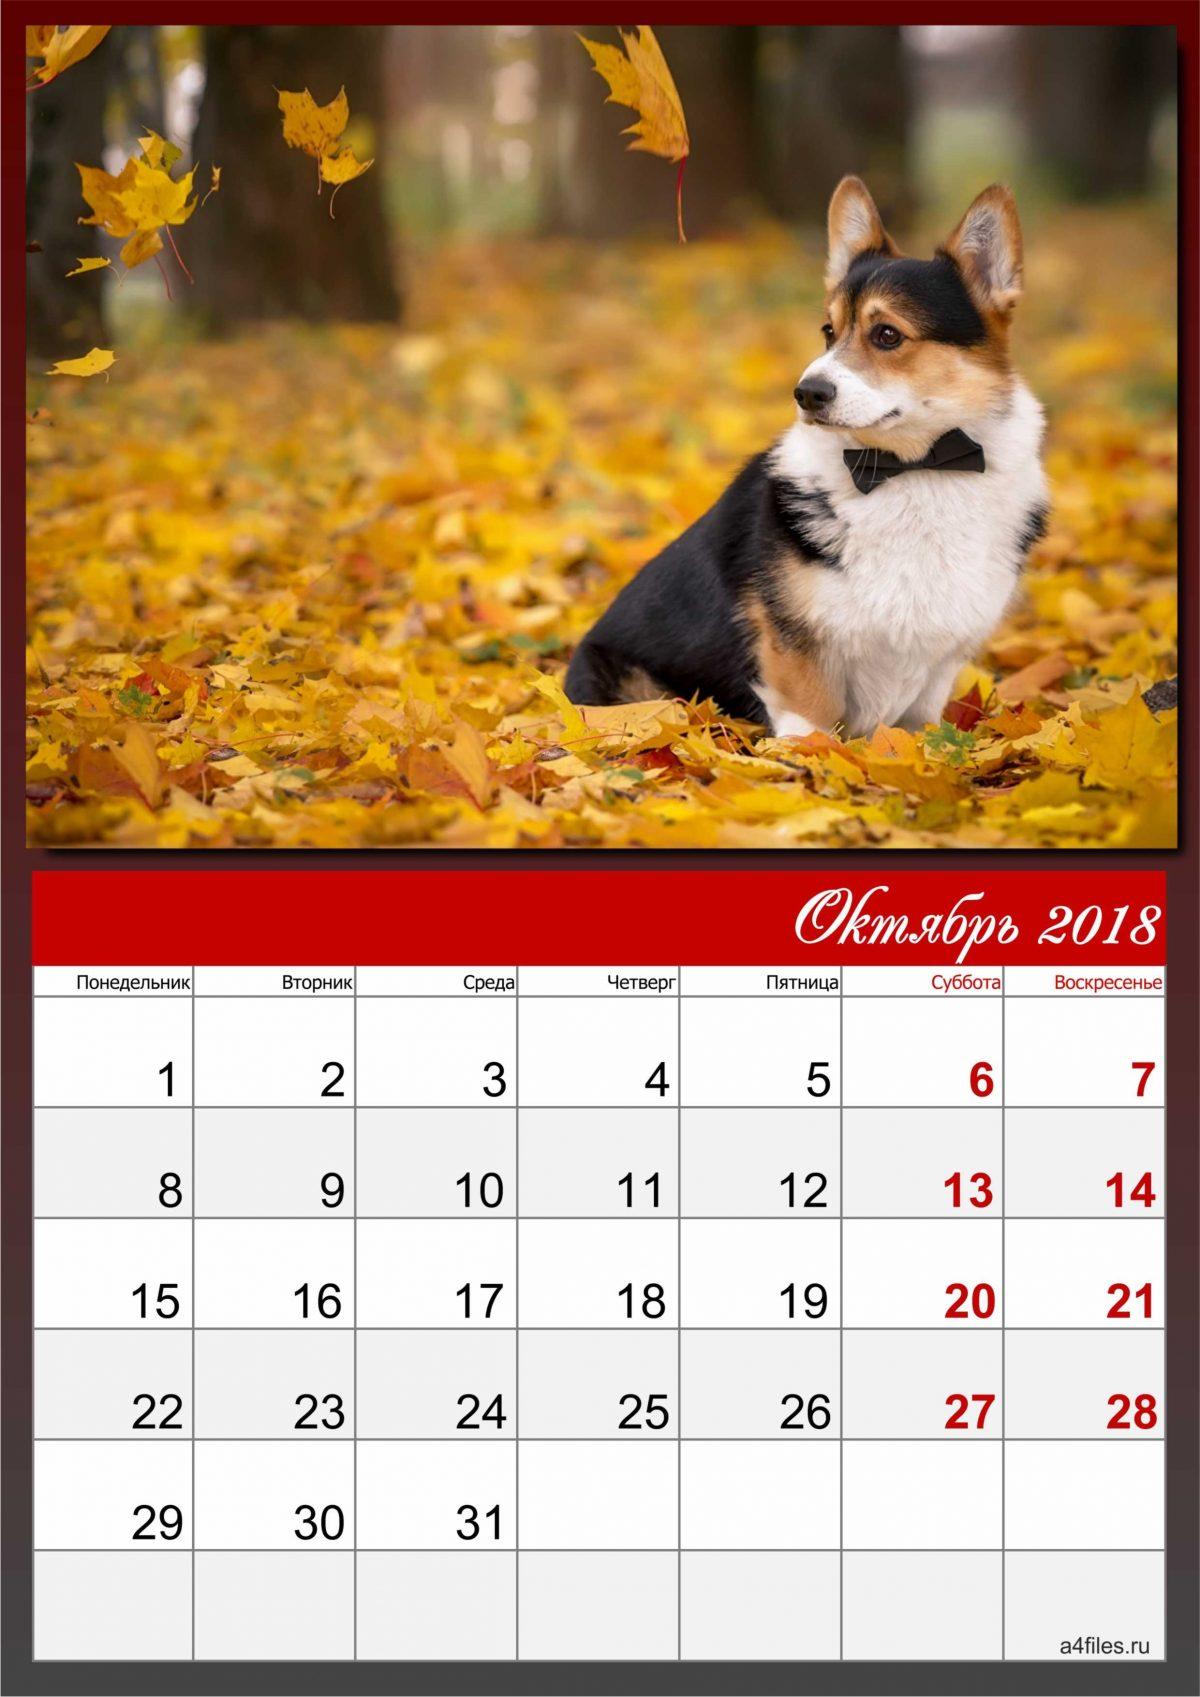 Календарь на 2018 год октябрь